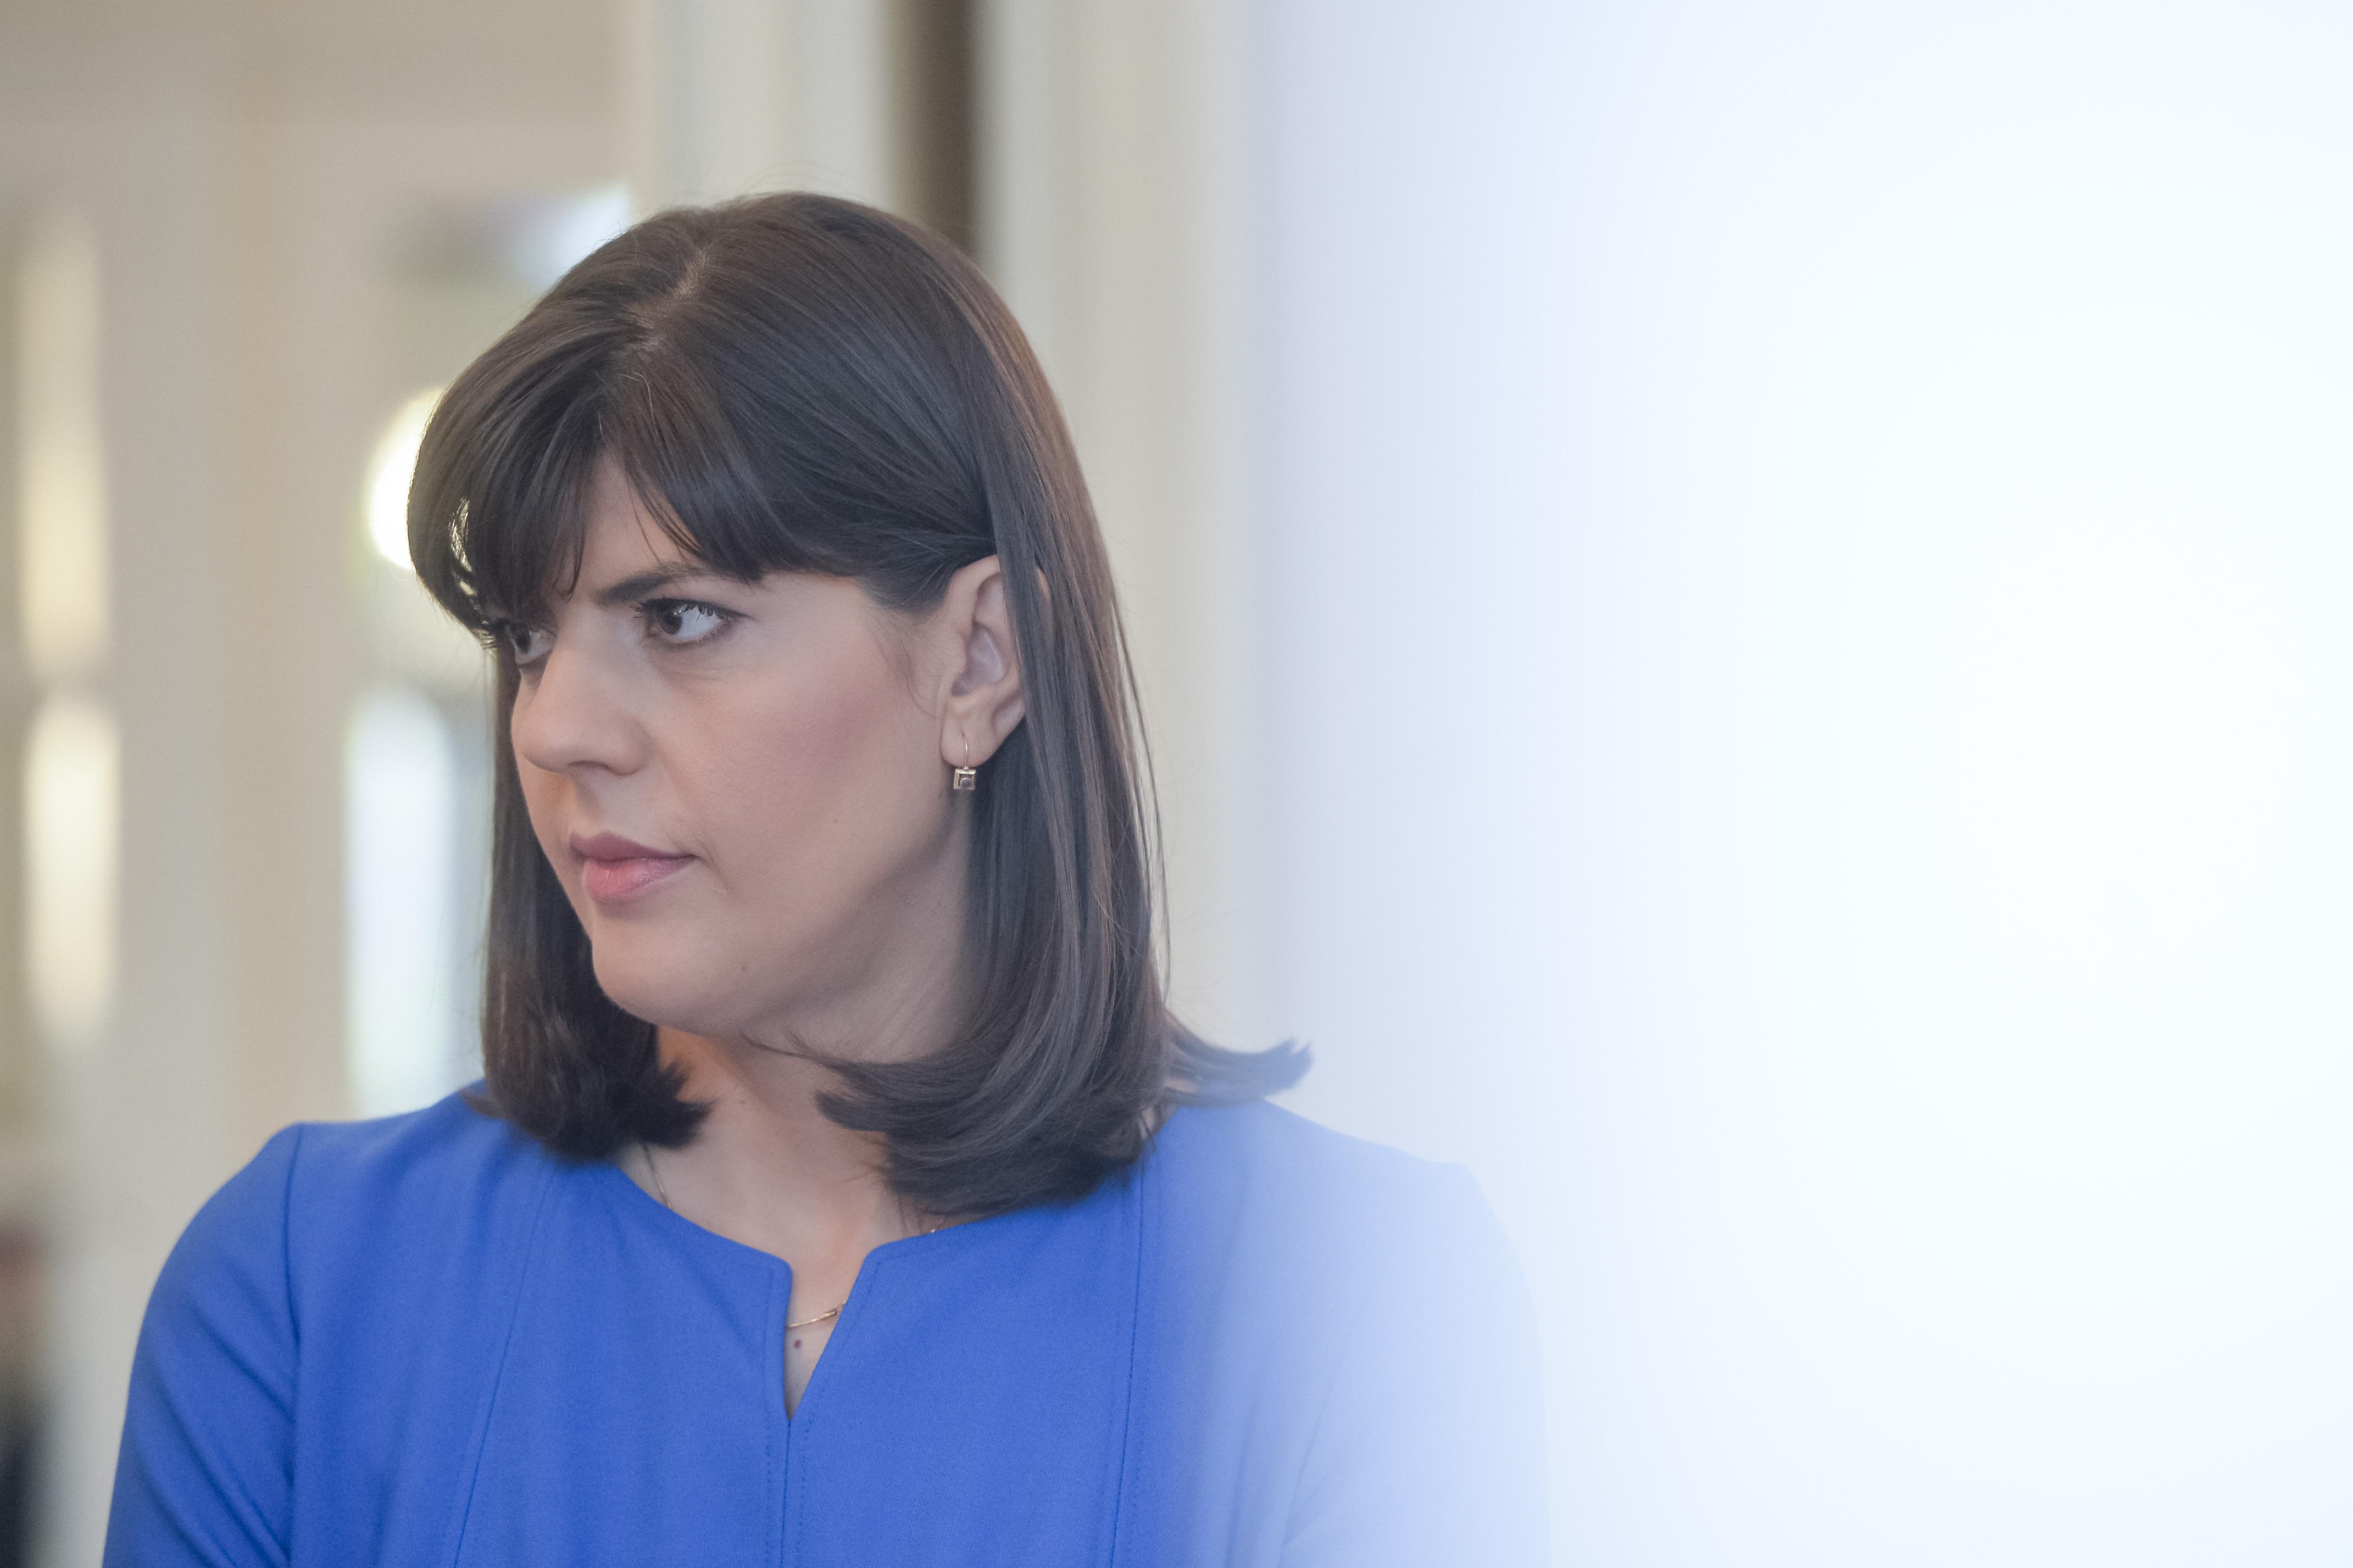 Baltag: Am văzut-o într-o seară pe Kovesi intrând în CSM. Nu am aflat încă la cine a mers